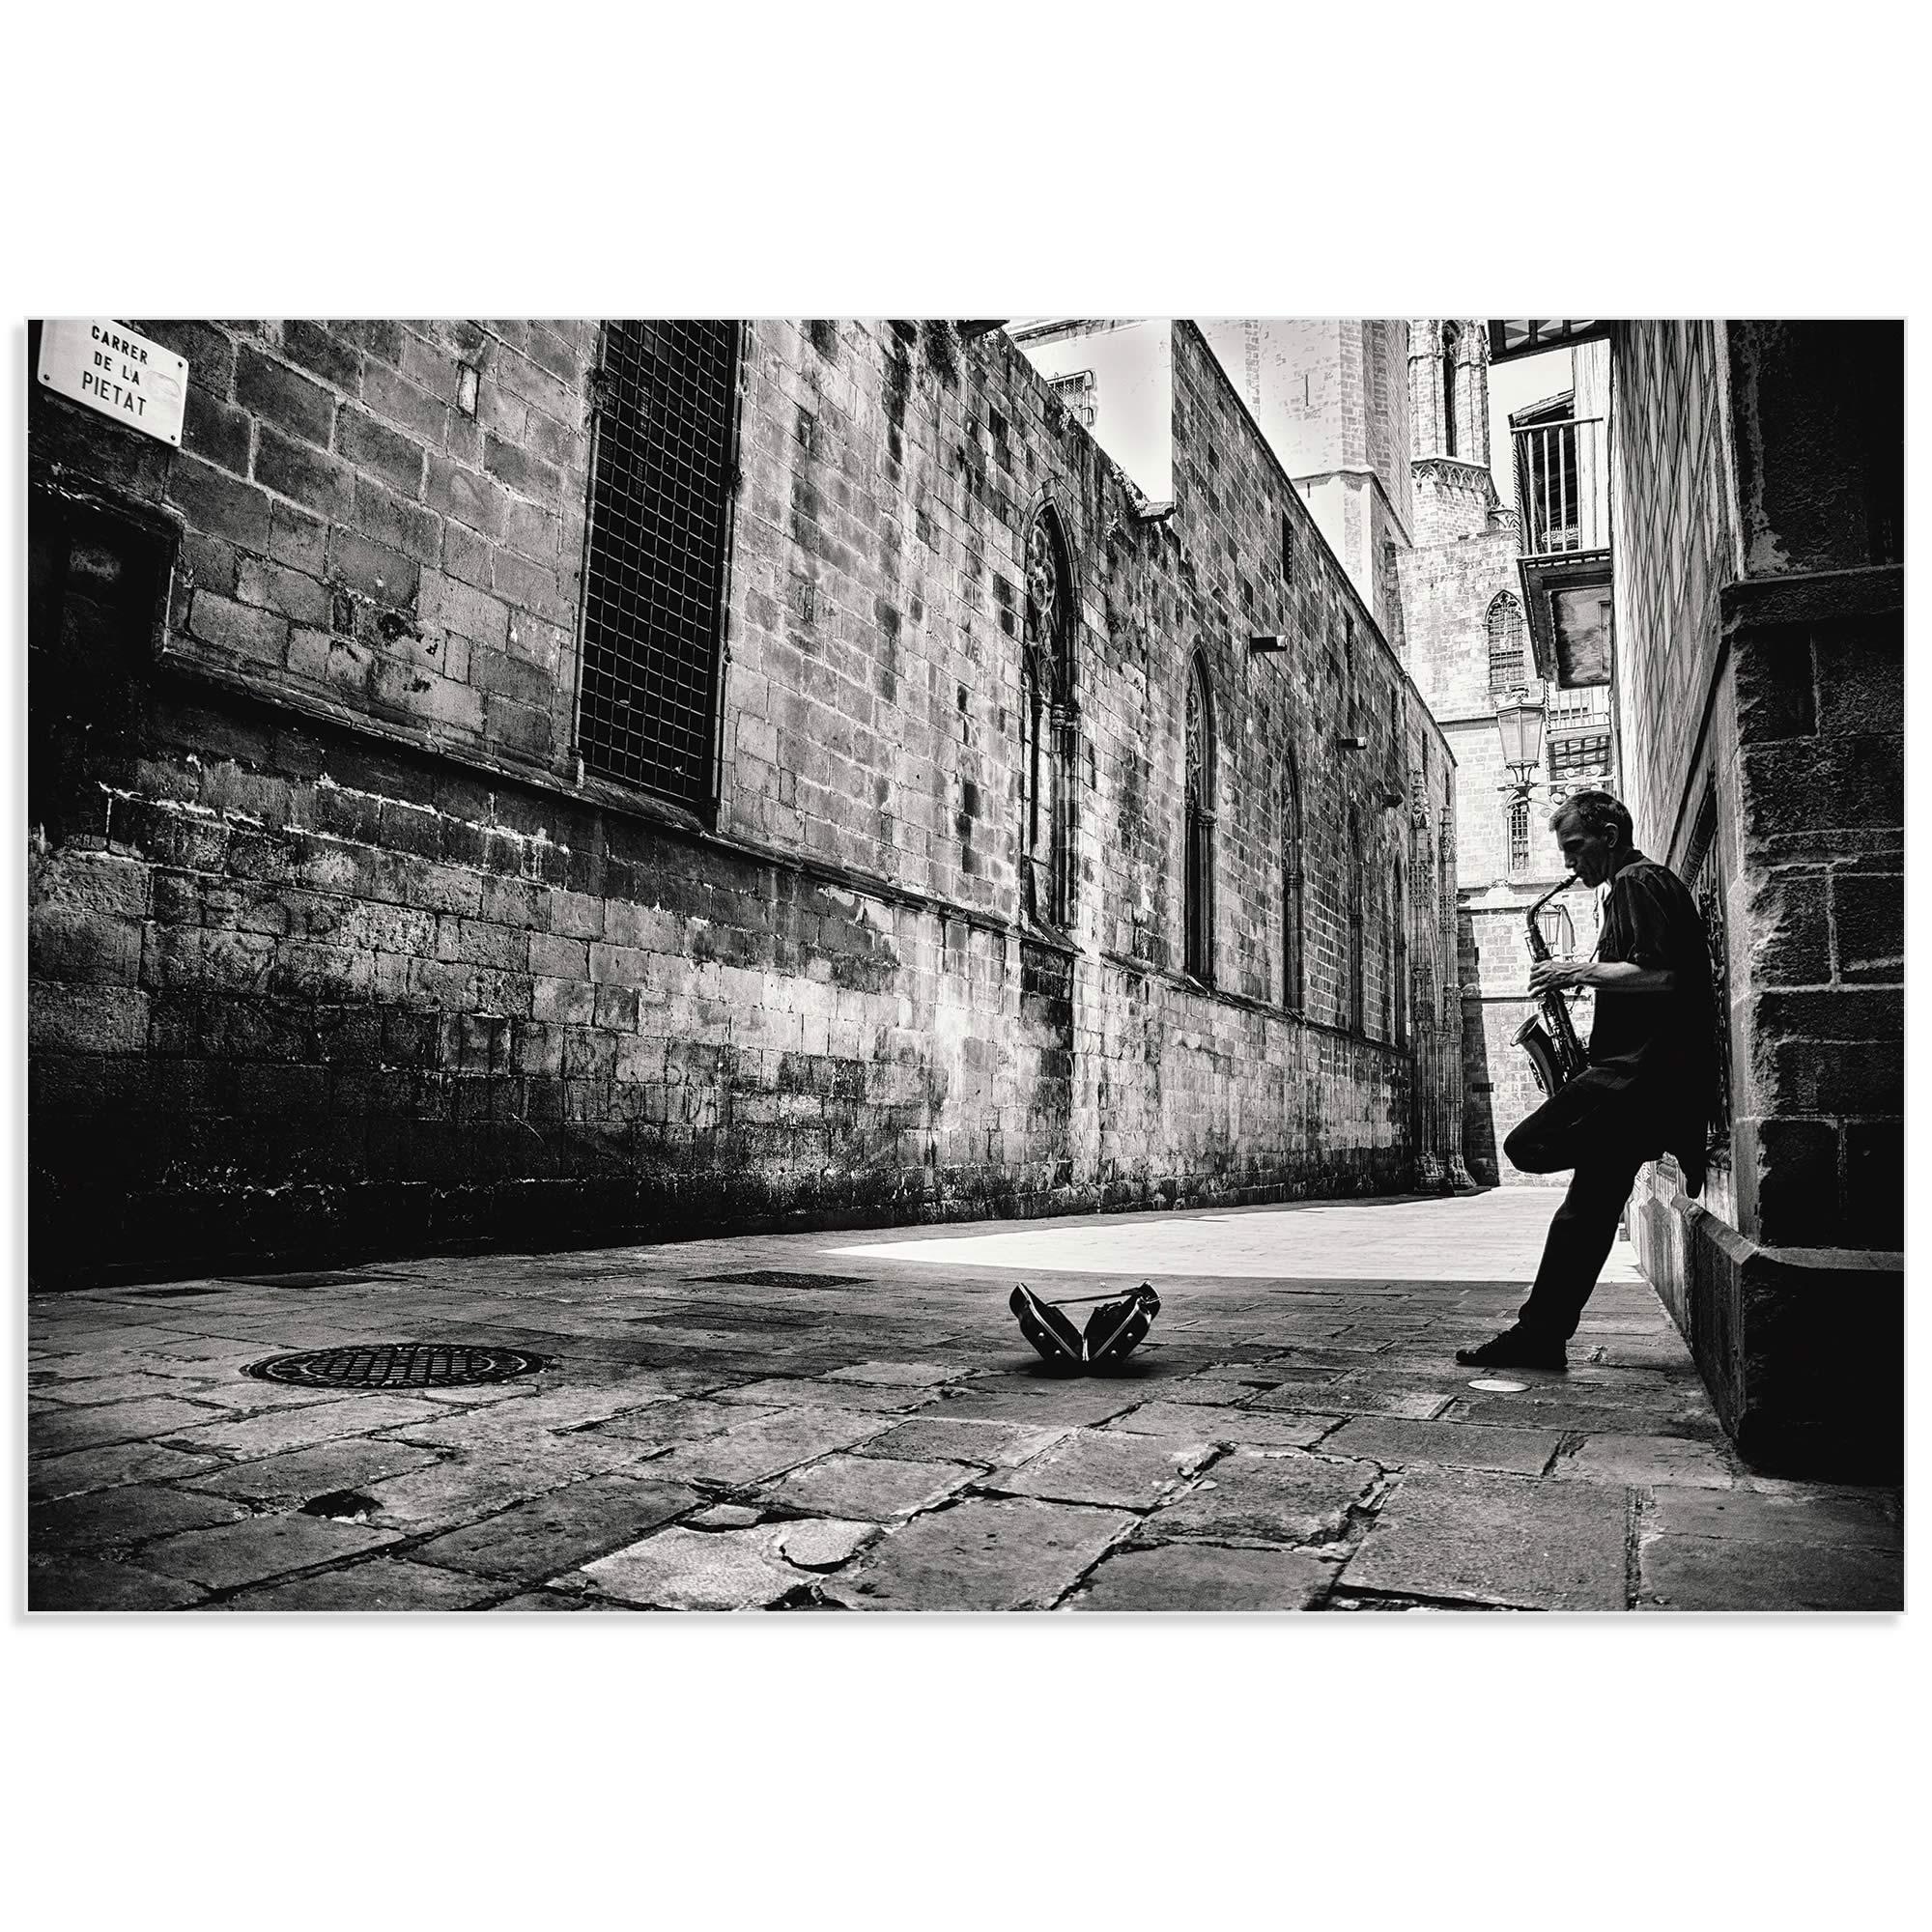 Sax in the City by GertJan van Geerenstein - Black & White Music Art on Metal or Acrylic - Alternate View 2